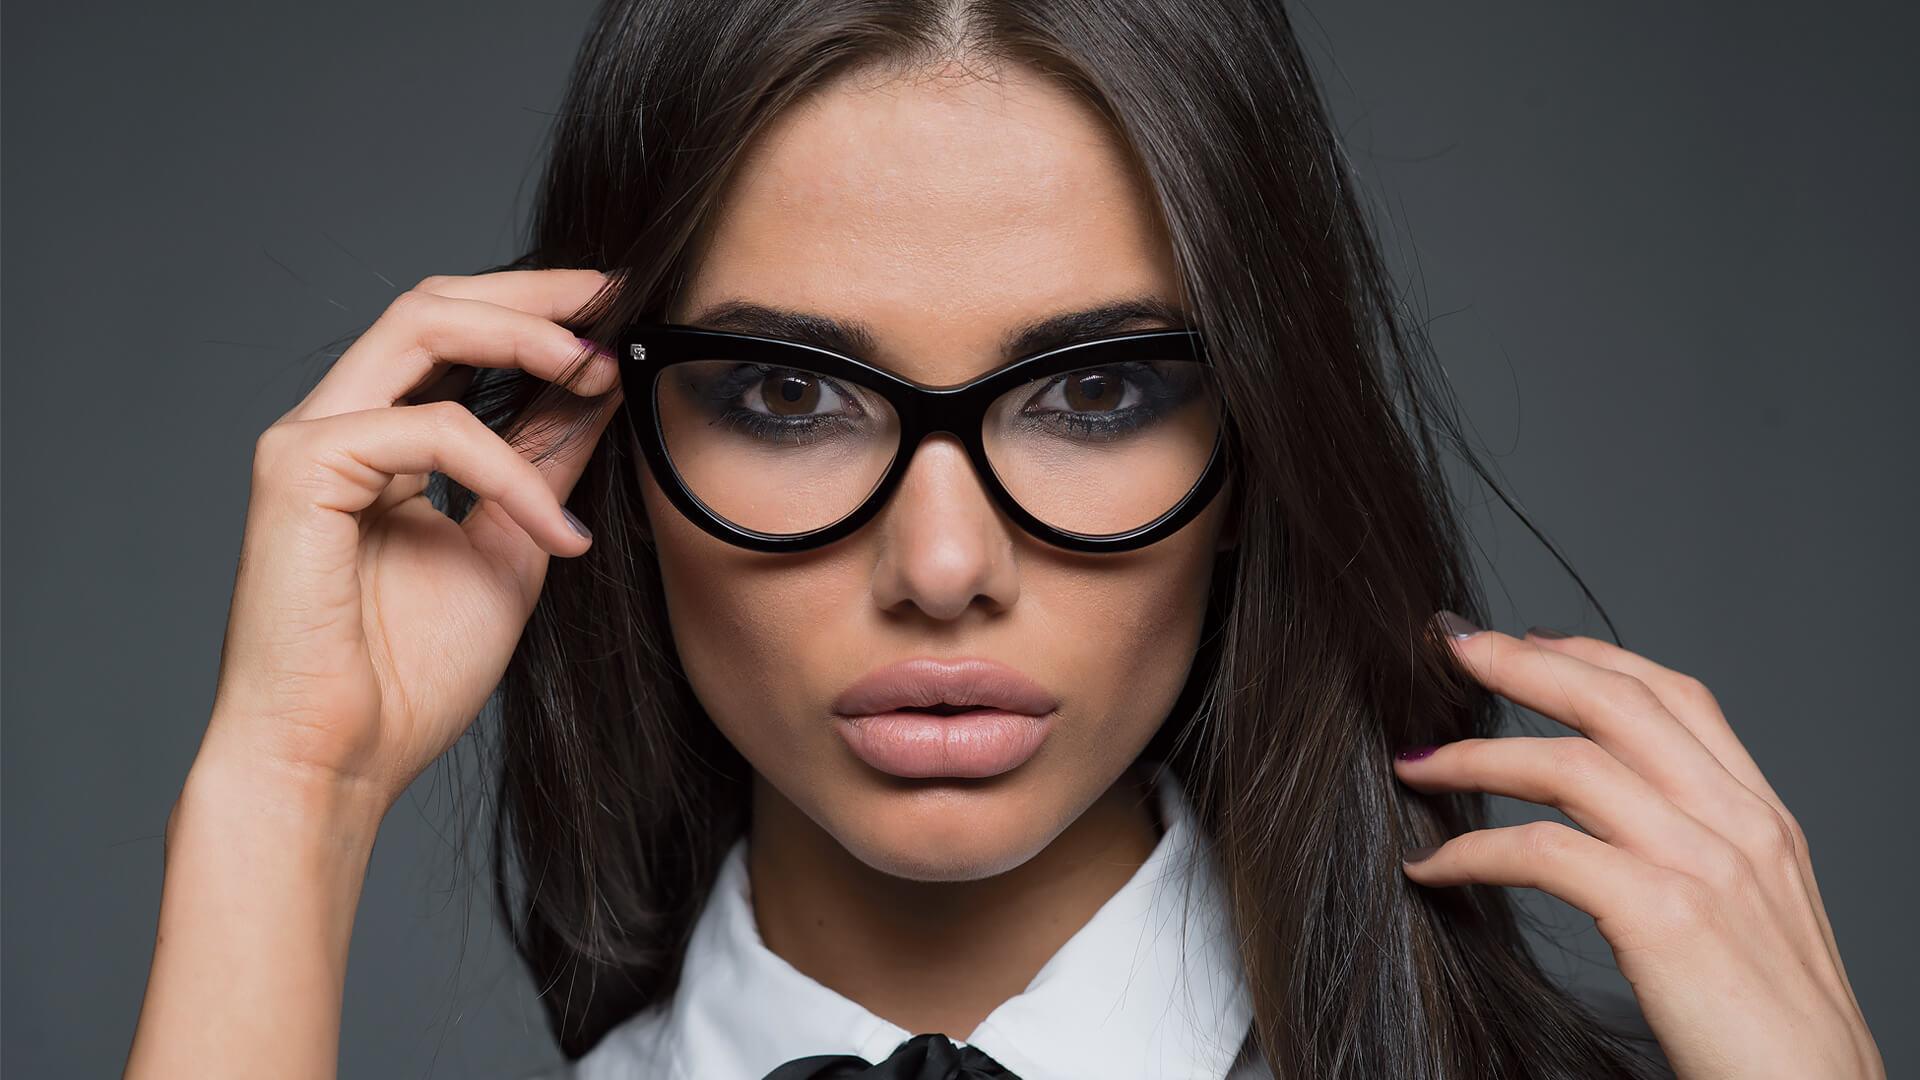 Фото строгие девушки в очках, его жена попросила ее трахнуть порно